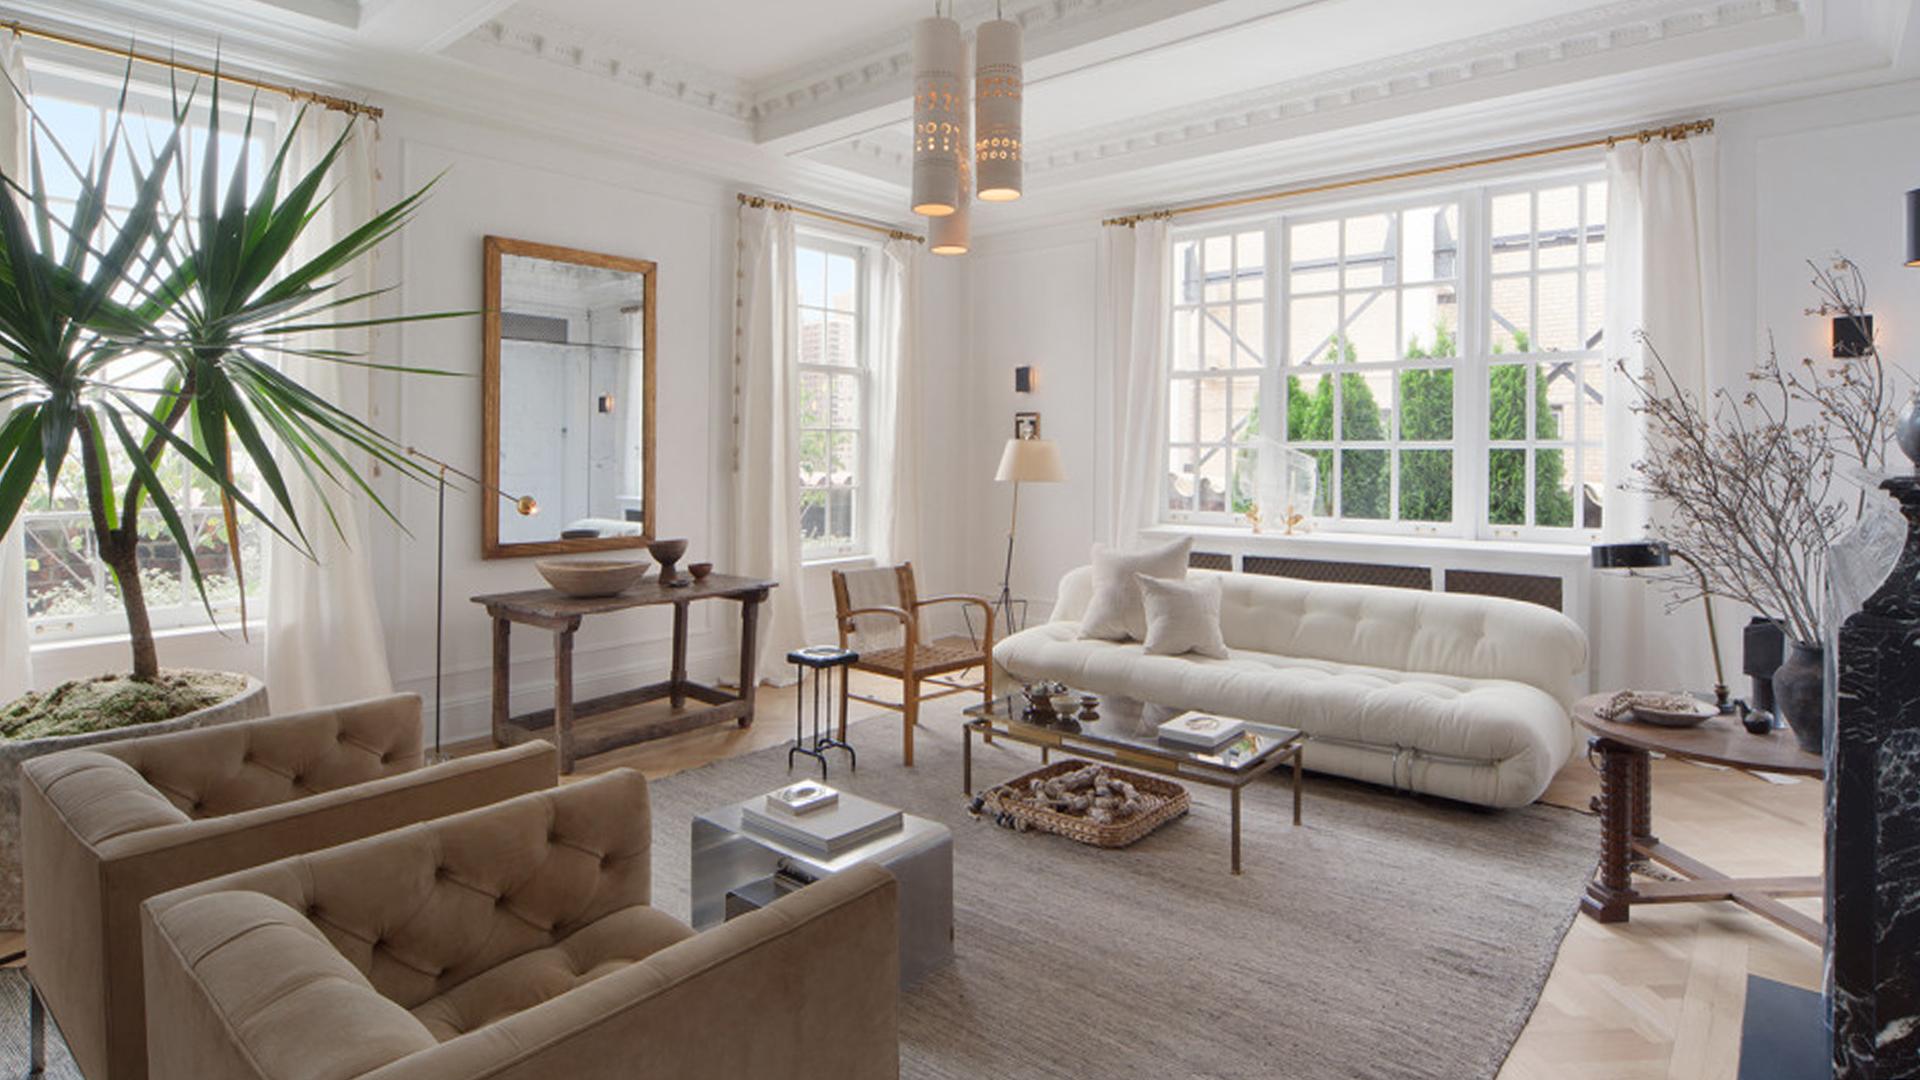 nate berkus and jeremiah brent list chic manhattan apartment